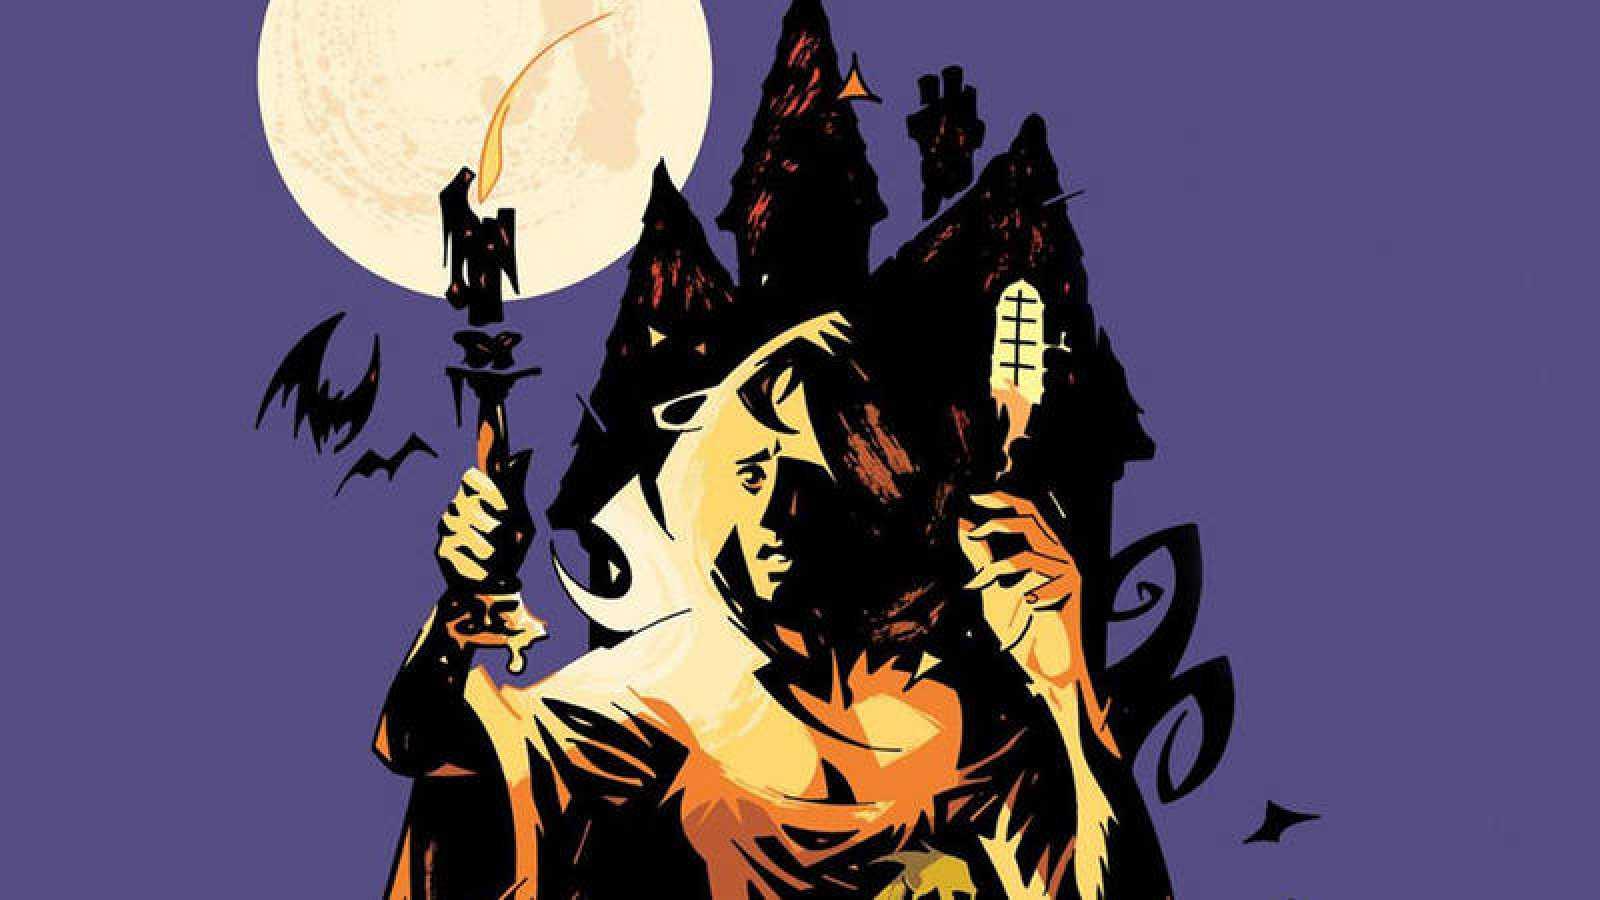 Fragmento de la portada de 'Esposas prohibidas de siervos sin rostro en la mansión secreta de la noche del aciago deseo'